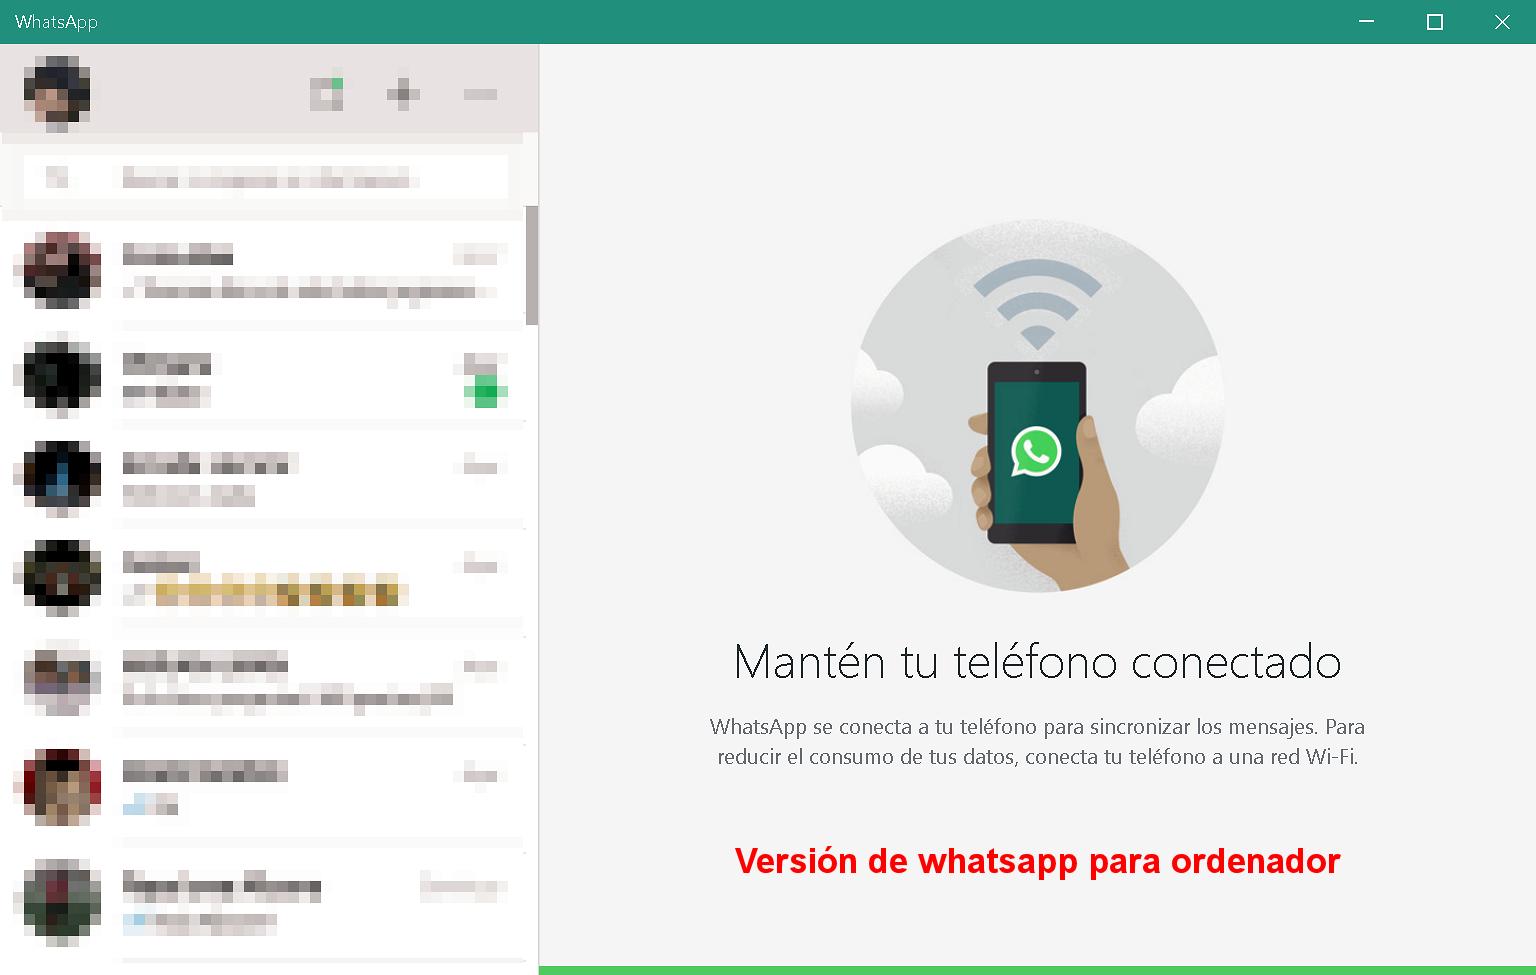 Versión de Whatsapp para ordenador